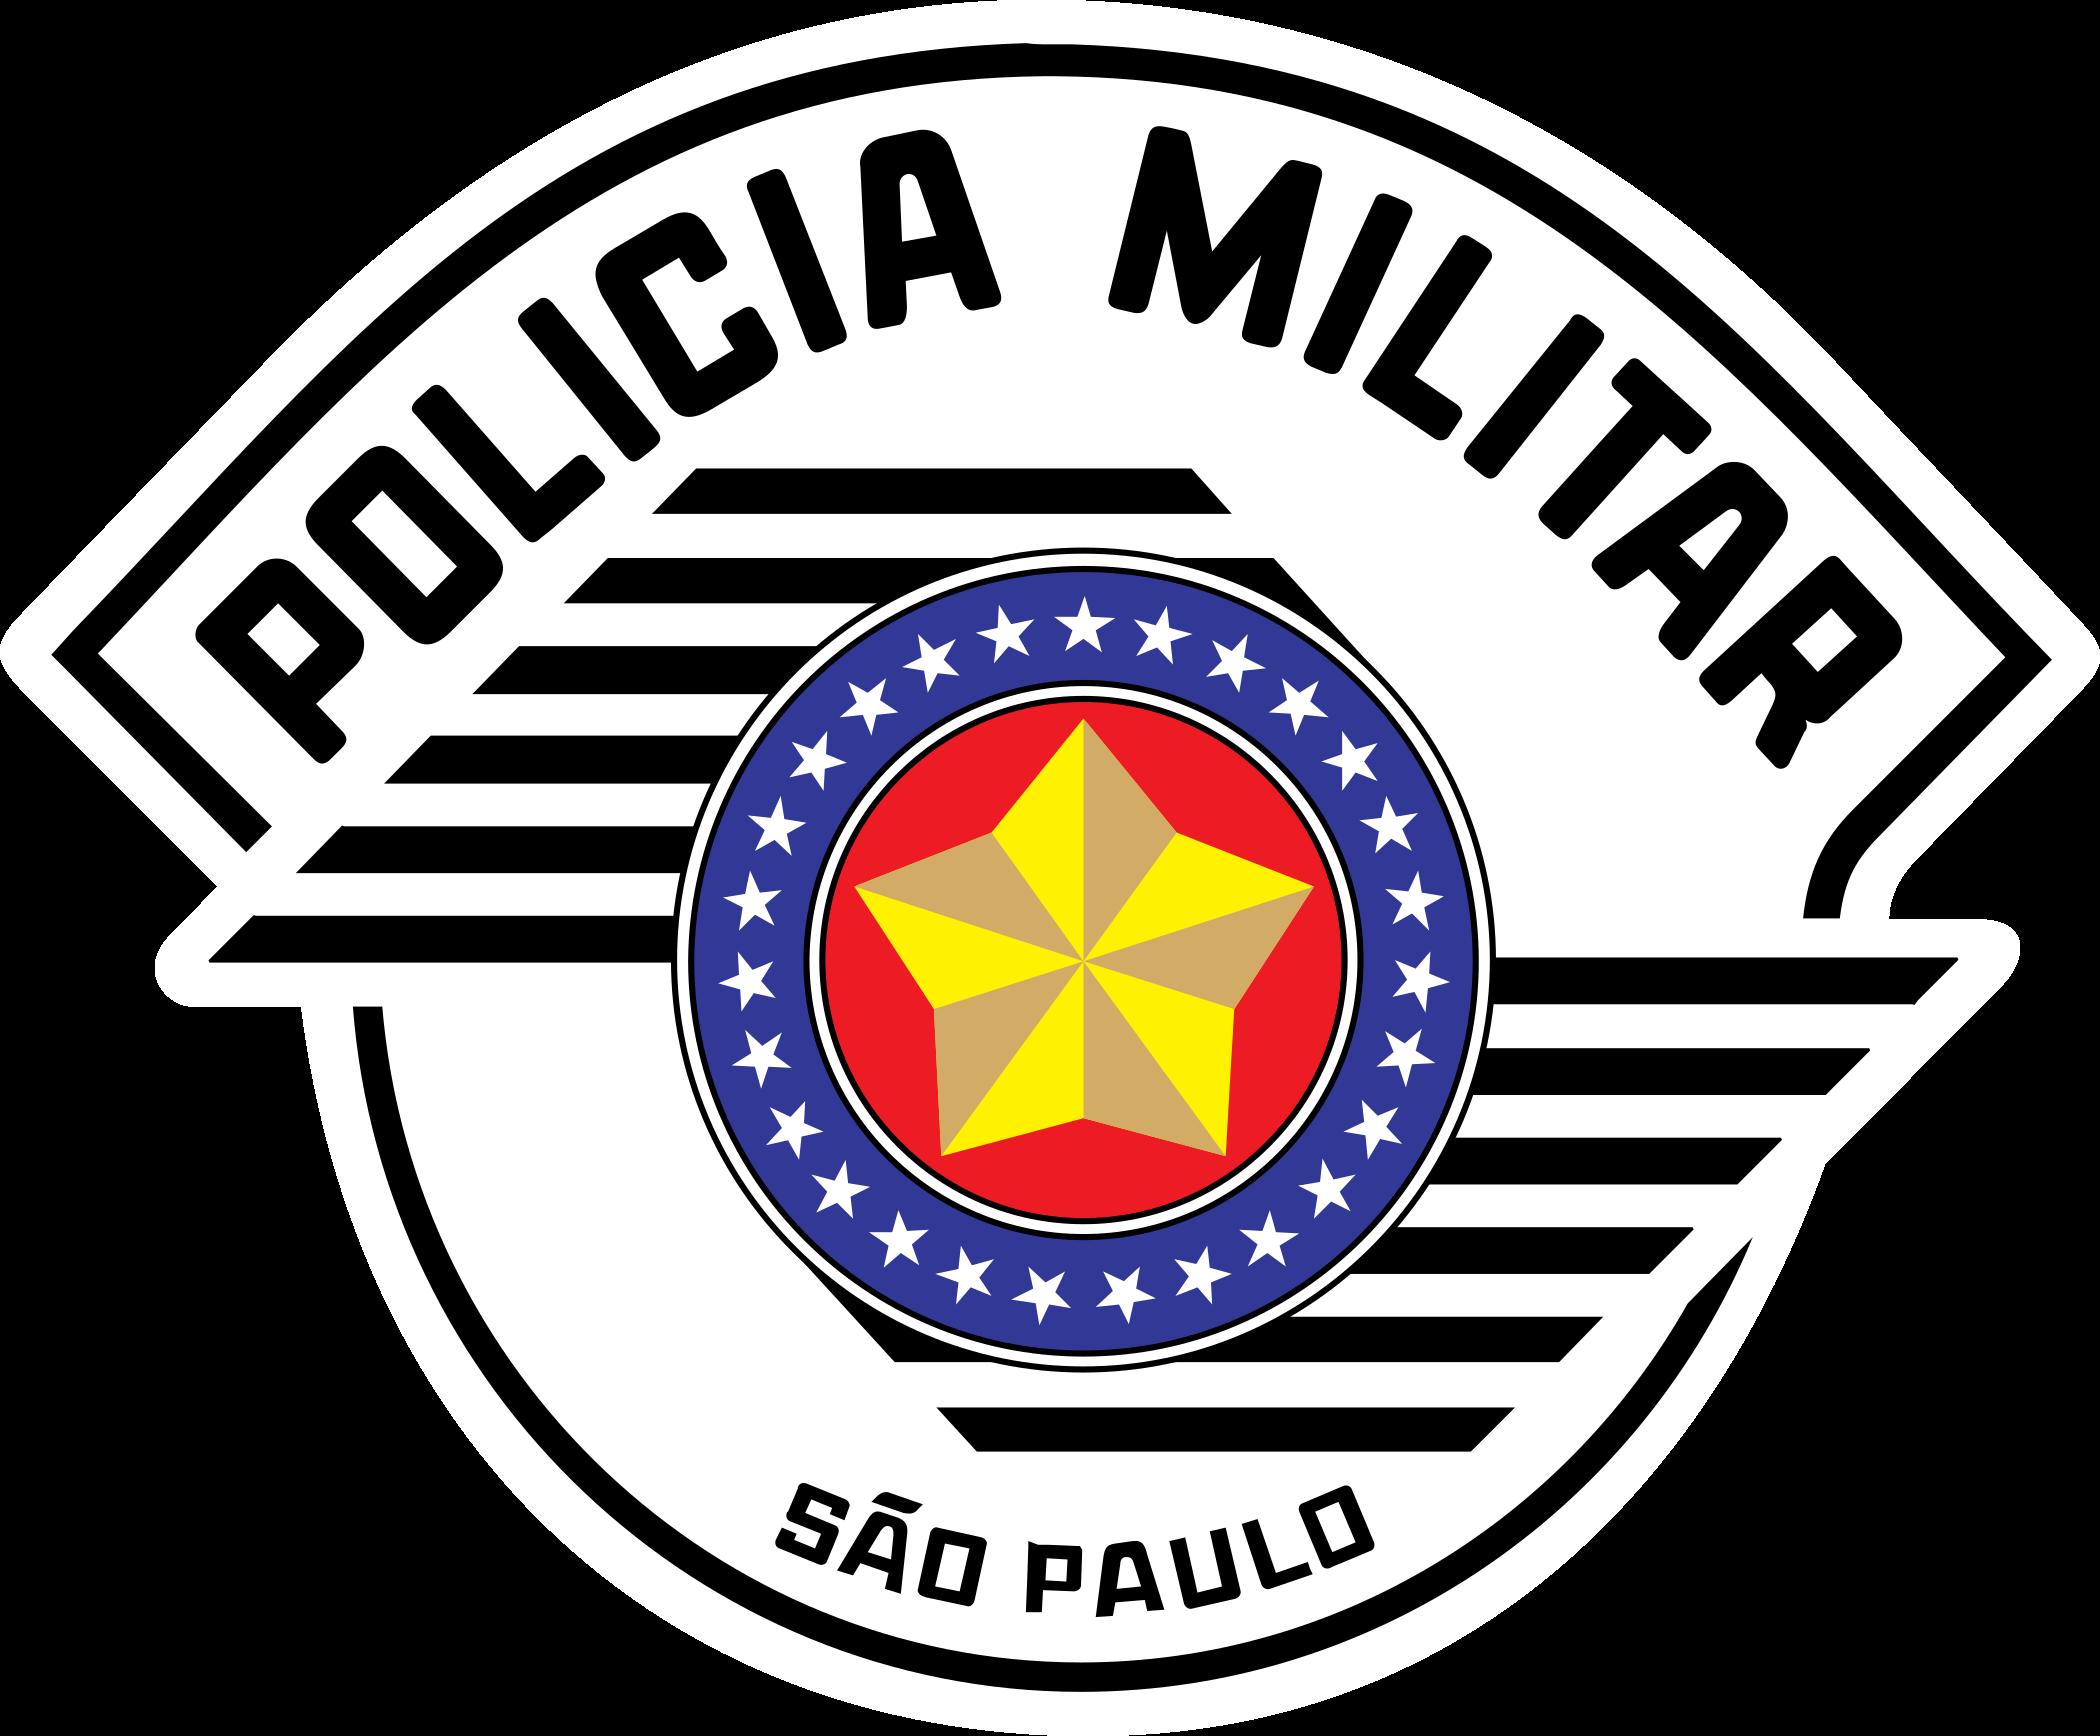 policia-militar-sp-logo-1